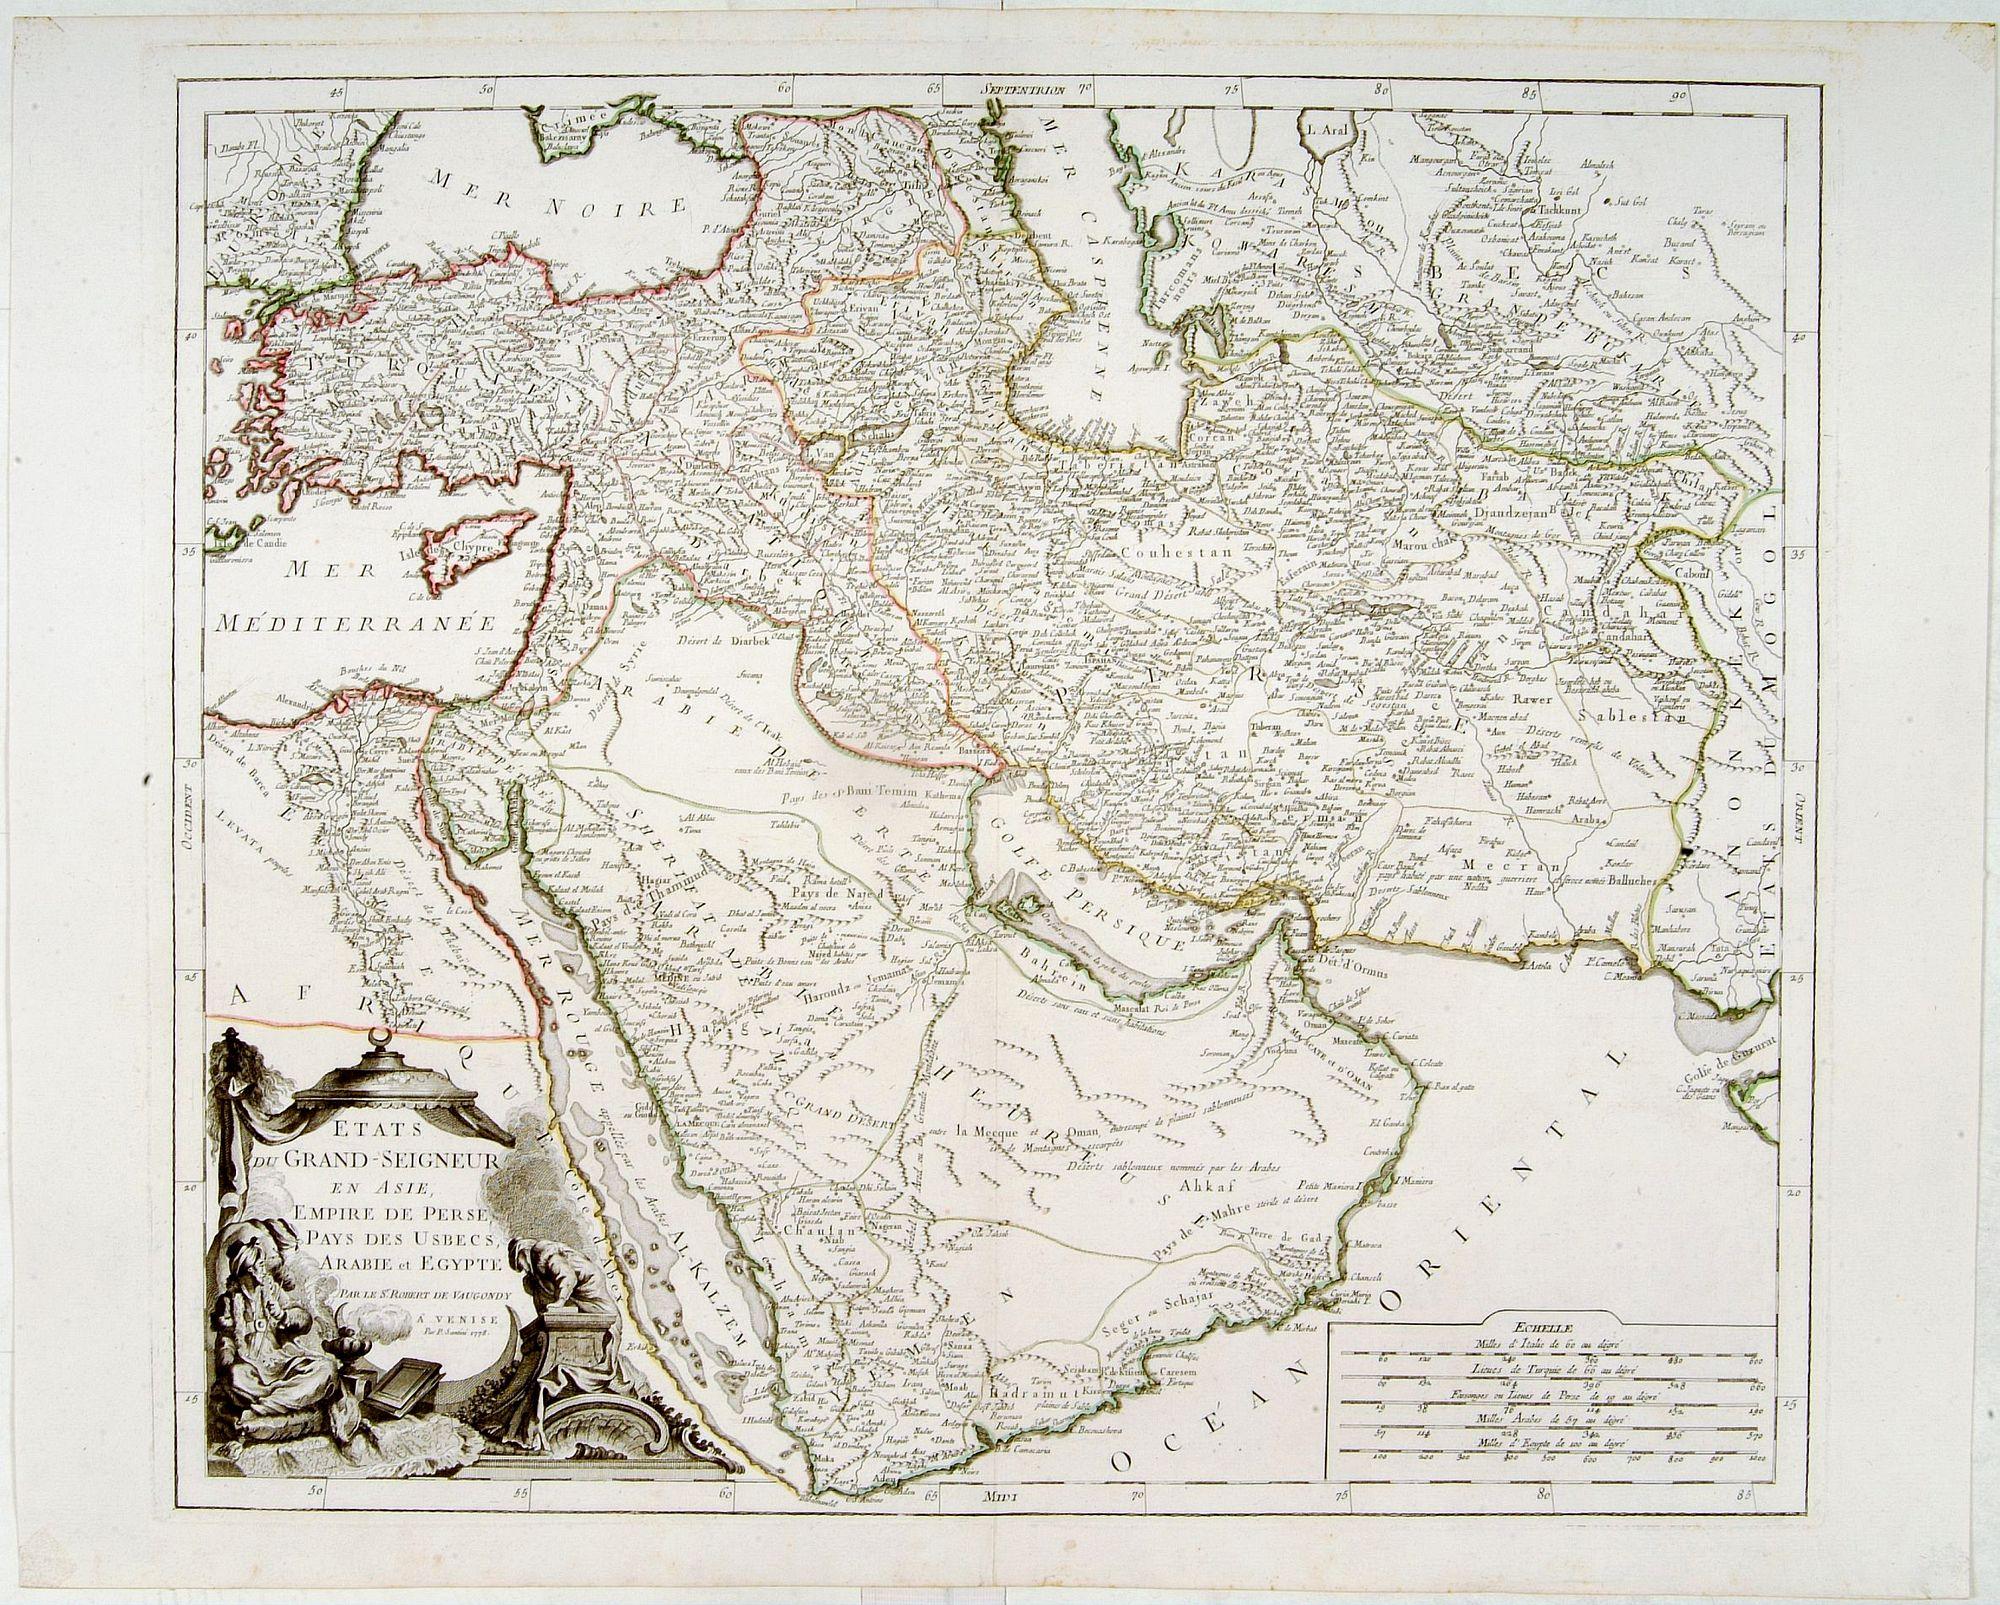 SANTINI, P. -  Etats du Grand-Seigneur en Asie, empire de Perse, pays des Usbecs, Arabie et Egypte.